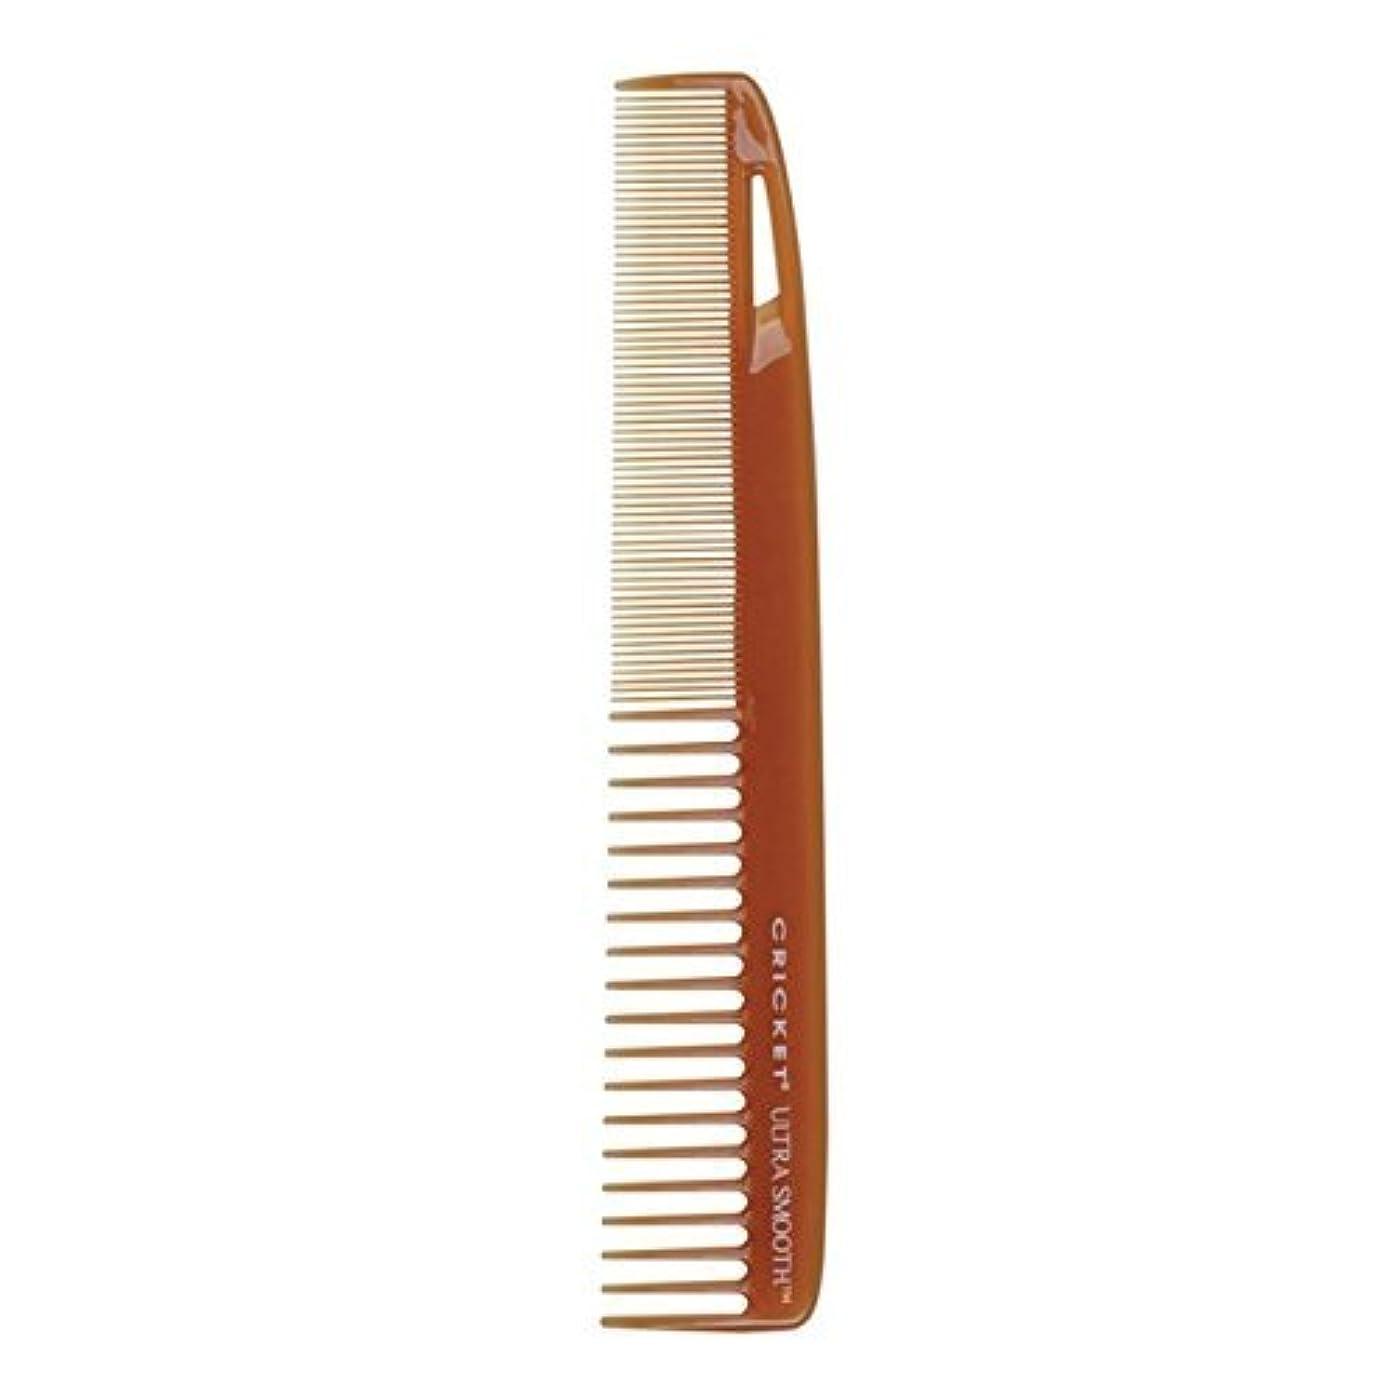 アセ詳細な名義でCricket Ultra Smooth All Purpose Comb 20 [並行輸入品]